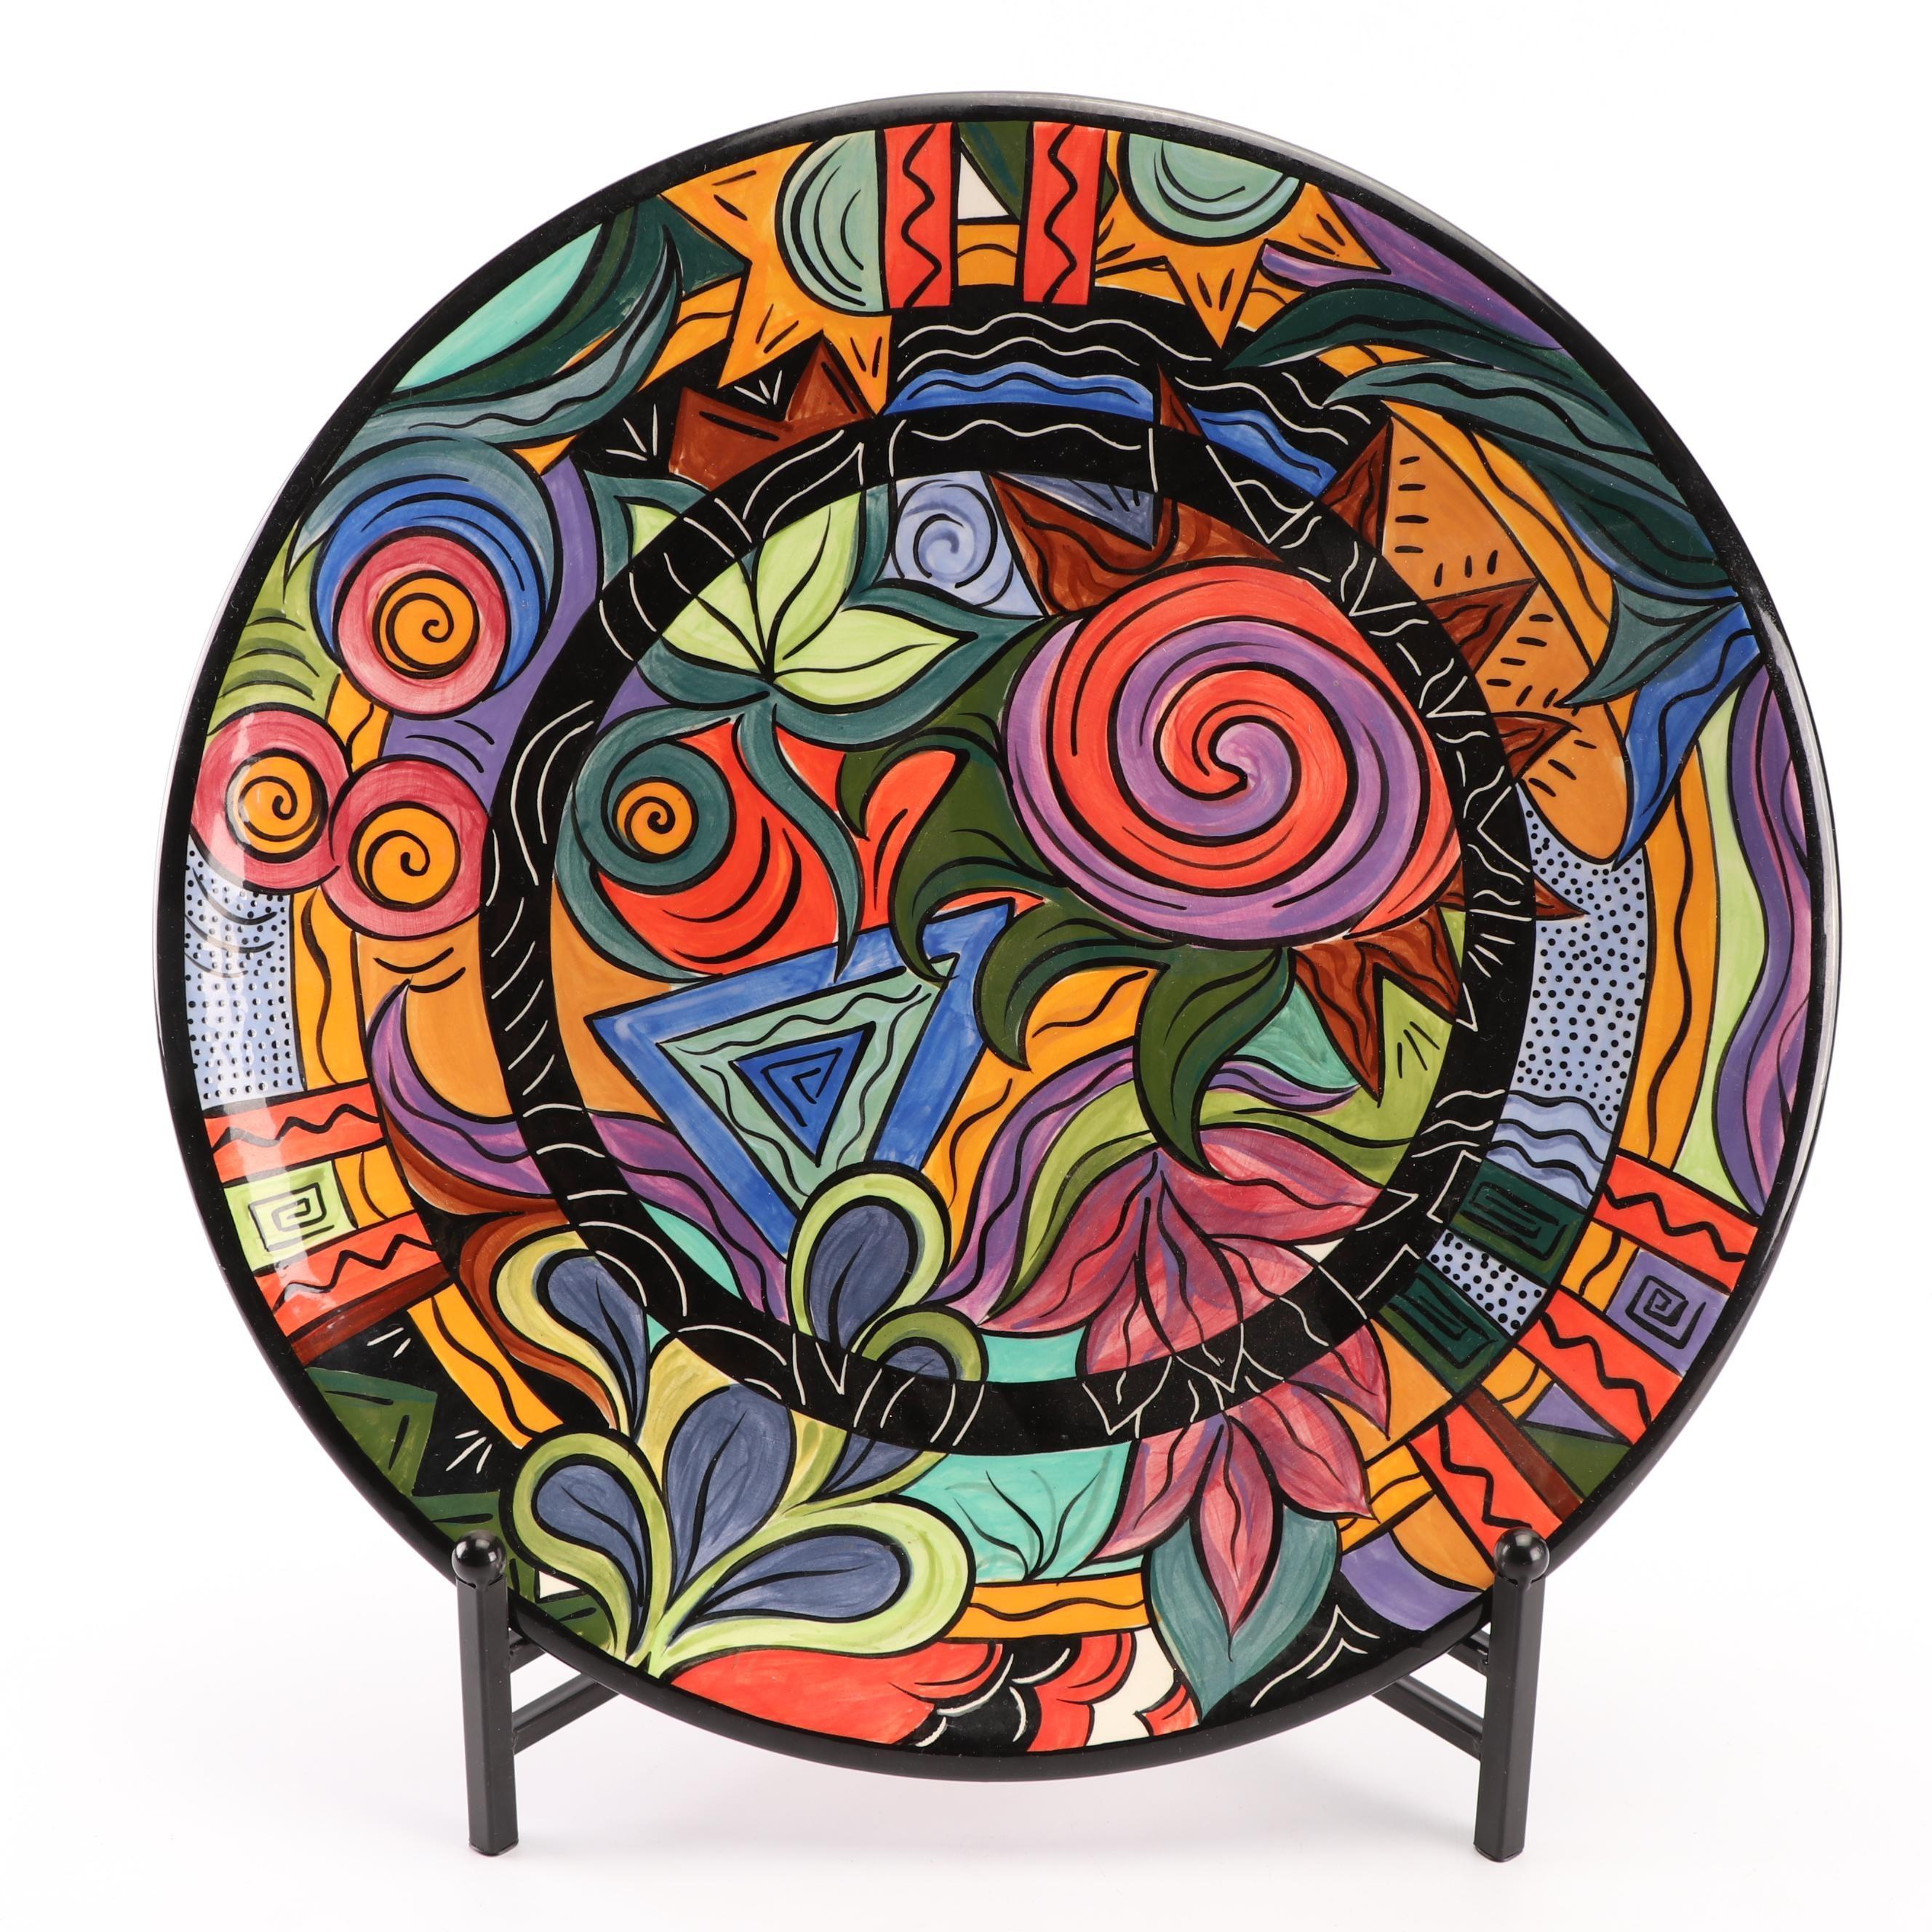 L.G. Gossett Hand-Painted Ceramic Platter